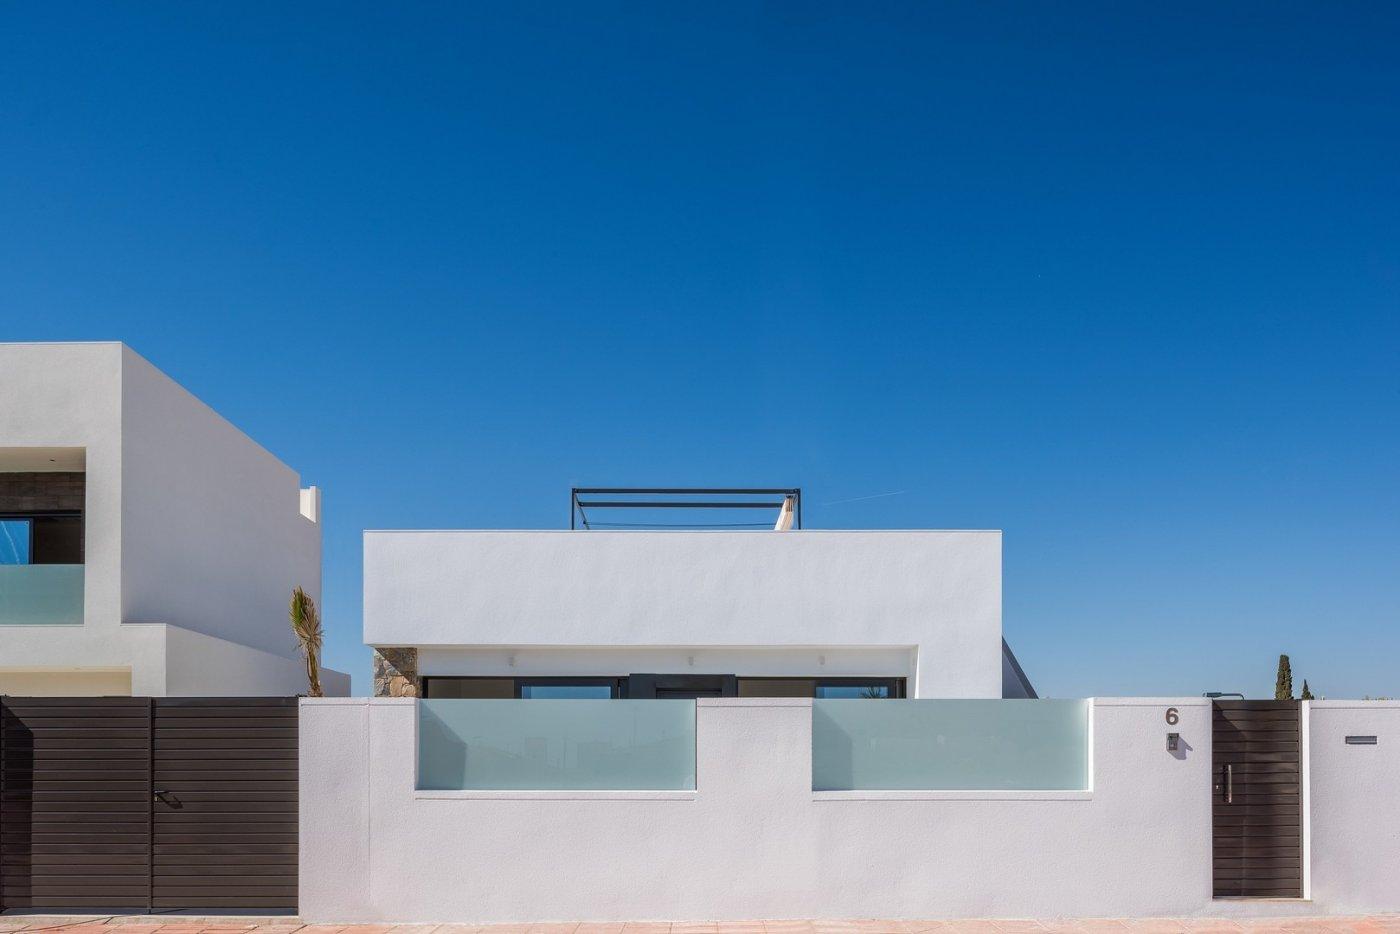 Villas nuevas con piscina privada y solarium a 700m de la playa !!! - imagenInmueble8